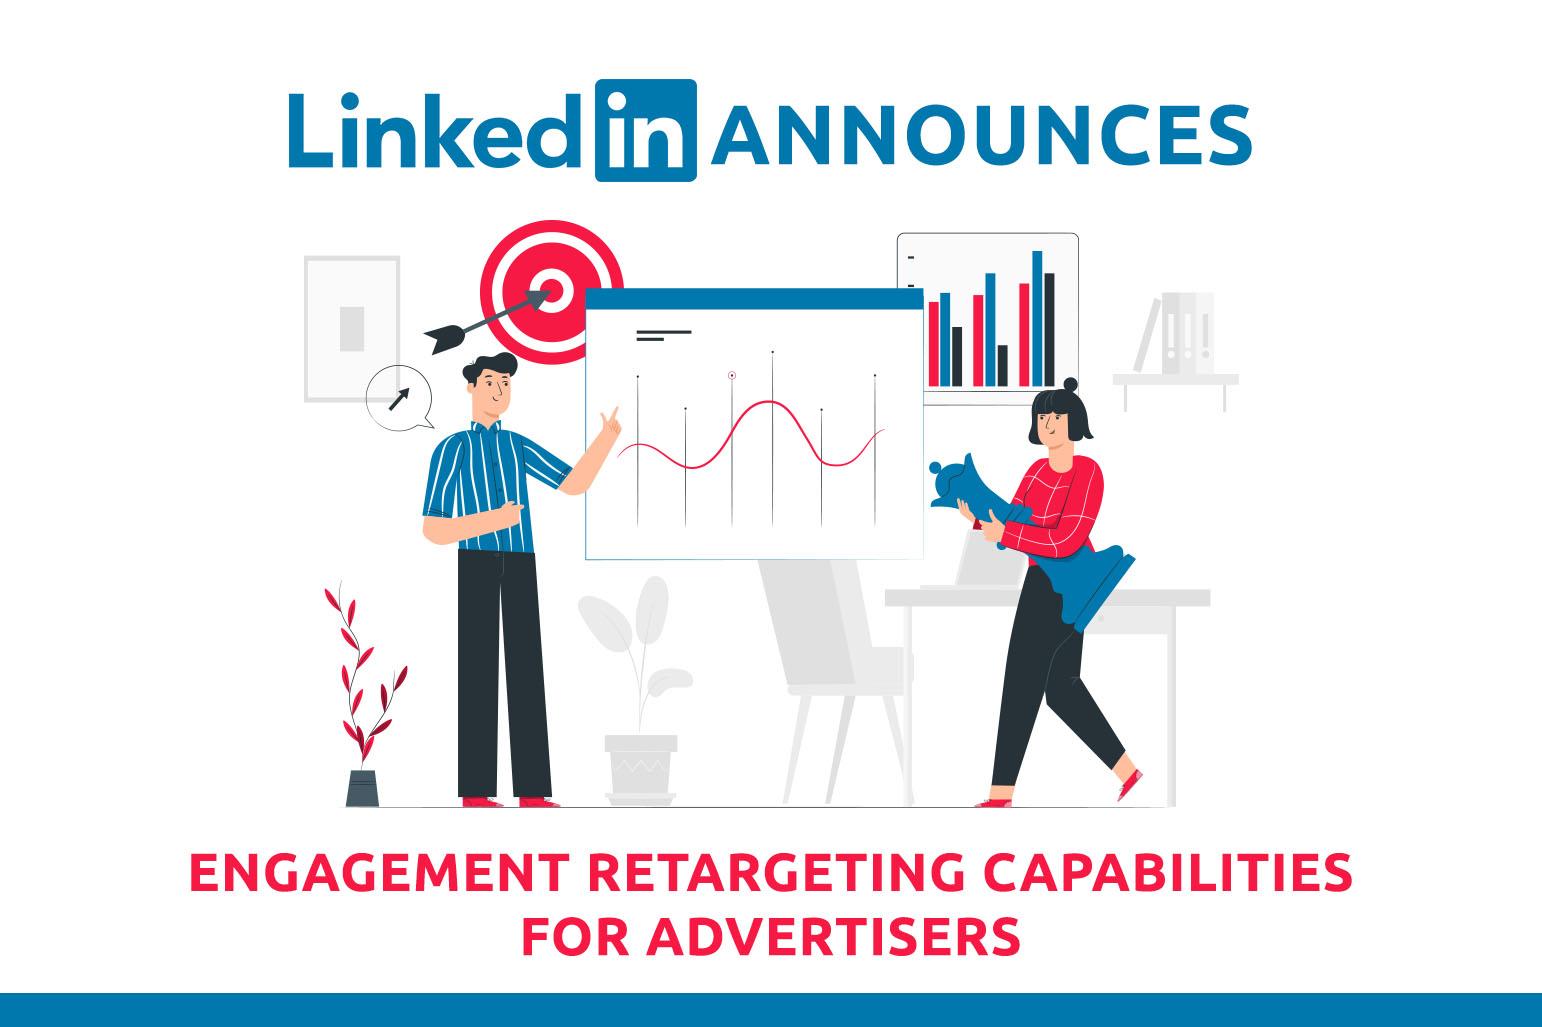 LinkedIn annonce des capacités de reciblage de l'engagement pour les annonceurs